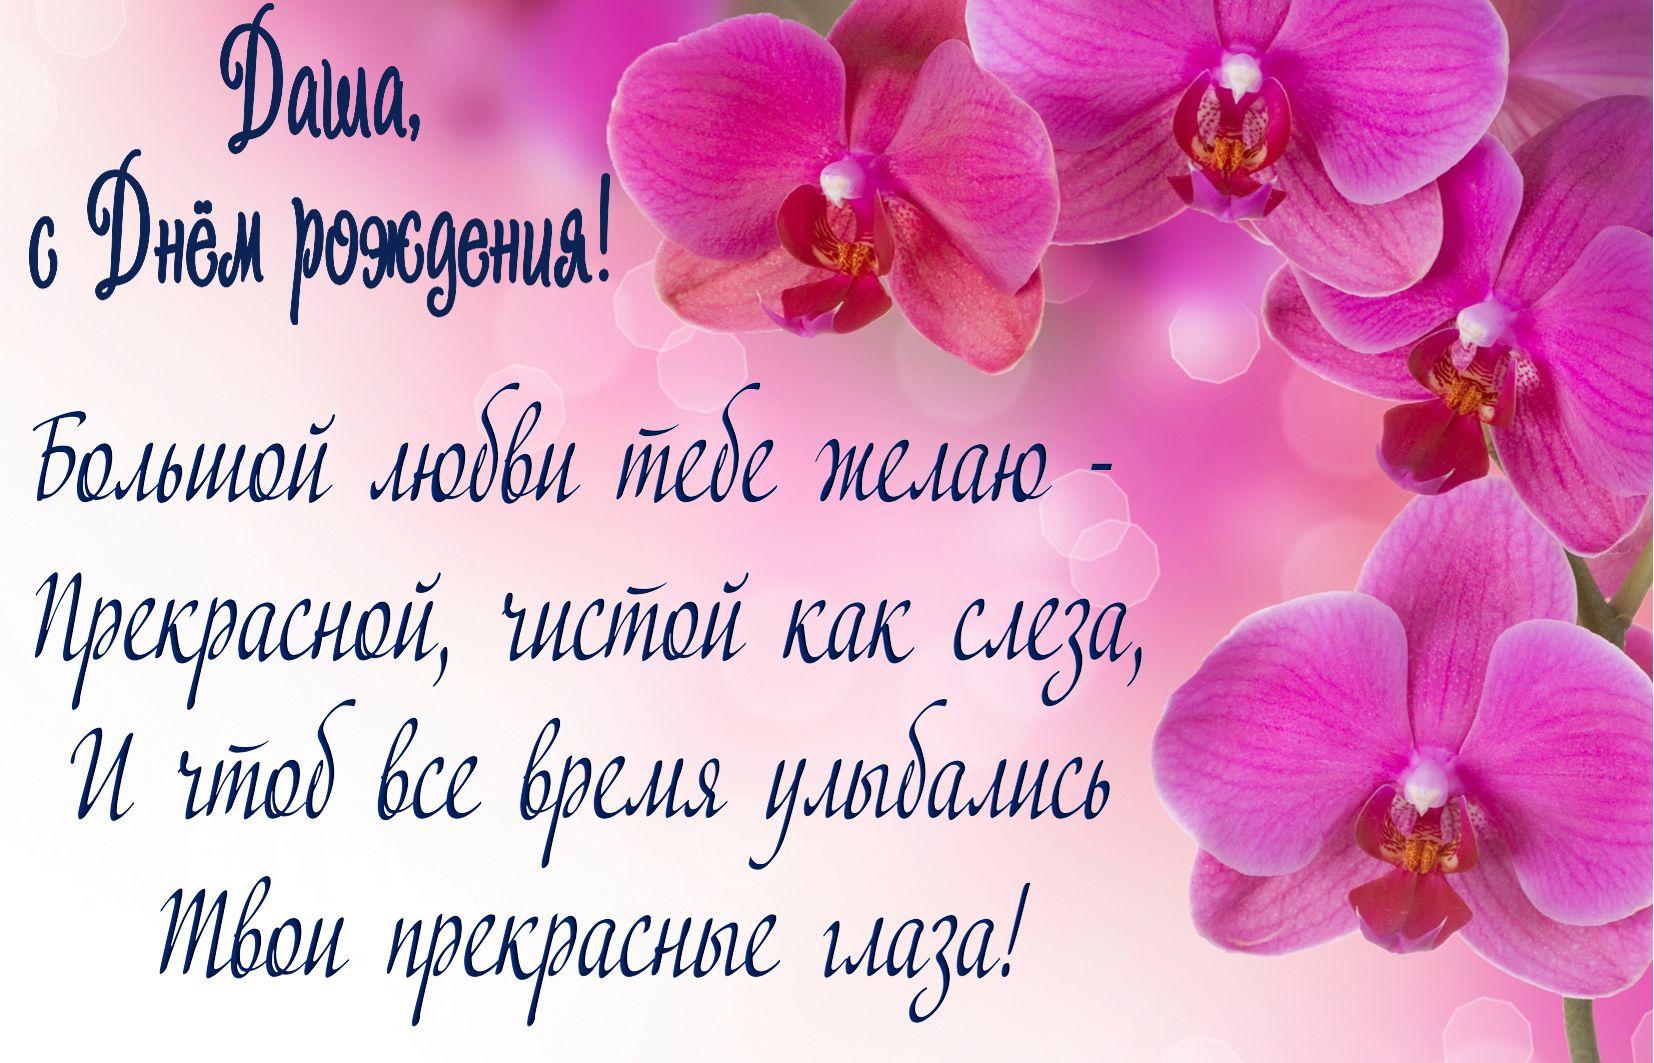 поздравления с днем рождения про орхидею этим